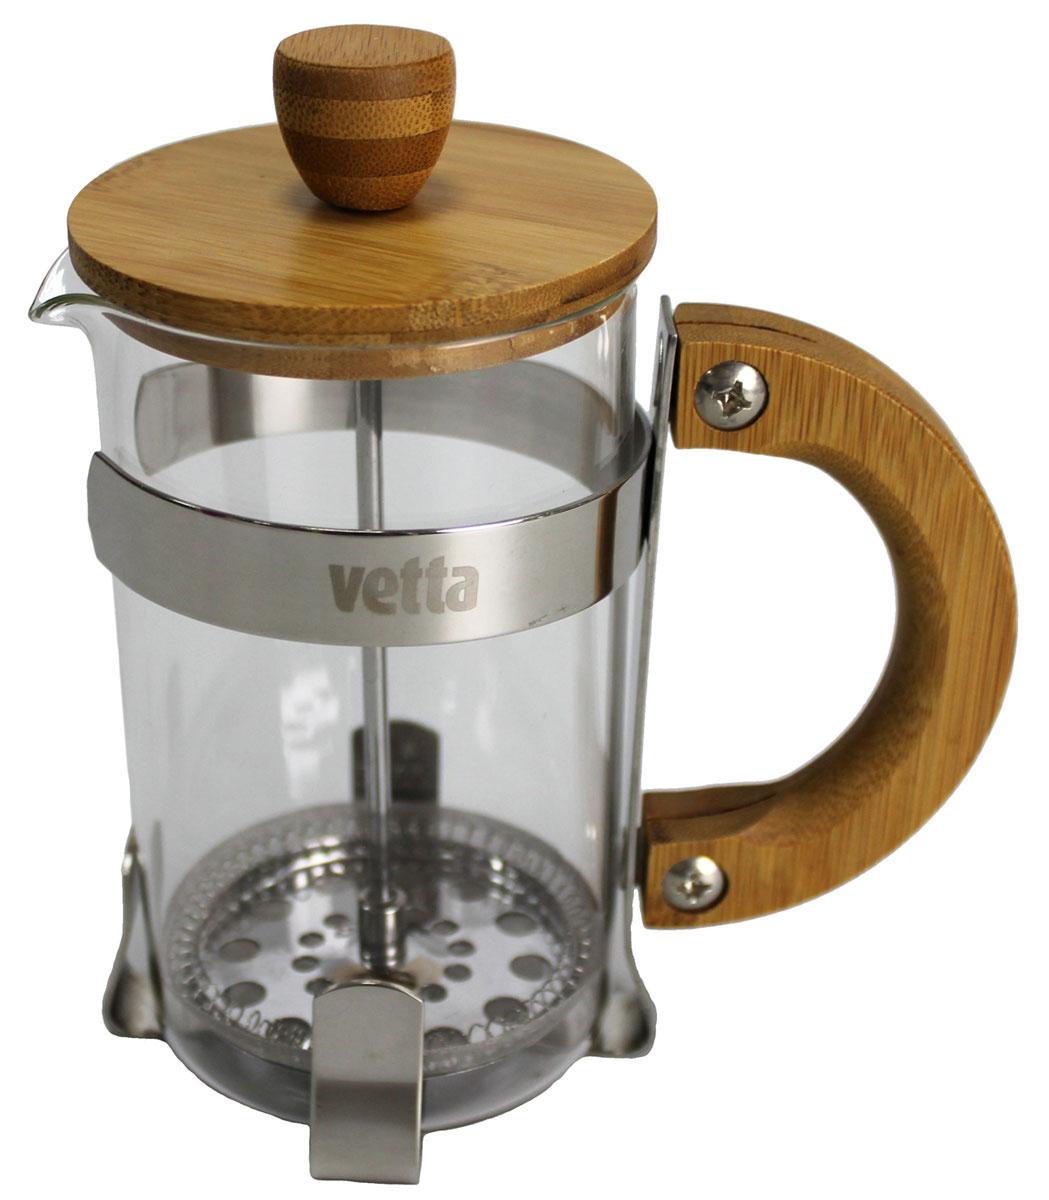 Френч-пресс Vetta, 600 мл. 850120850120Френч-пресс 600 мл изготовлен из нержавеющей стали, жаропрочного стекла и бамбука. Фильтр из нержавеющей стали. Френч-пресс позволит быстро и просто приготовить свежий и ароматный кофе или чай.